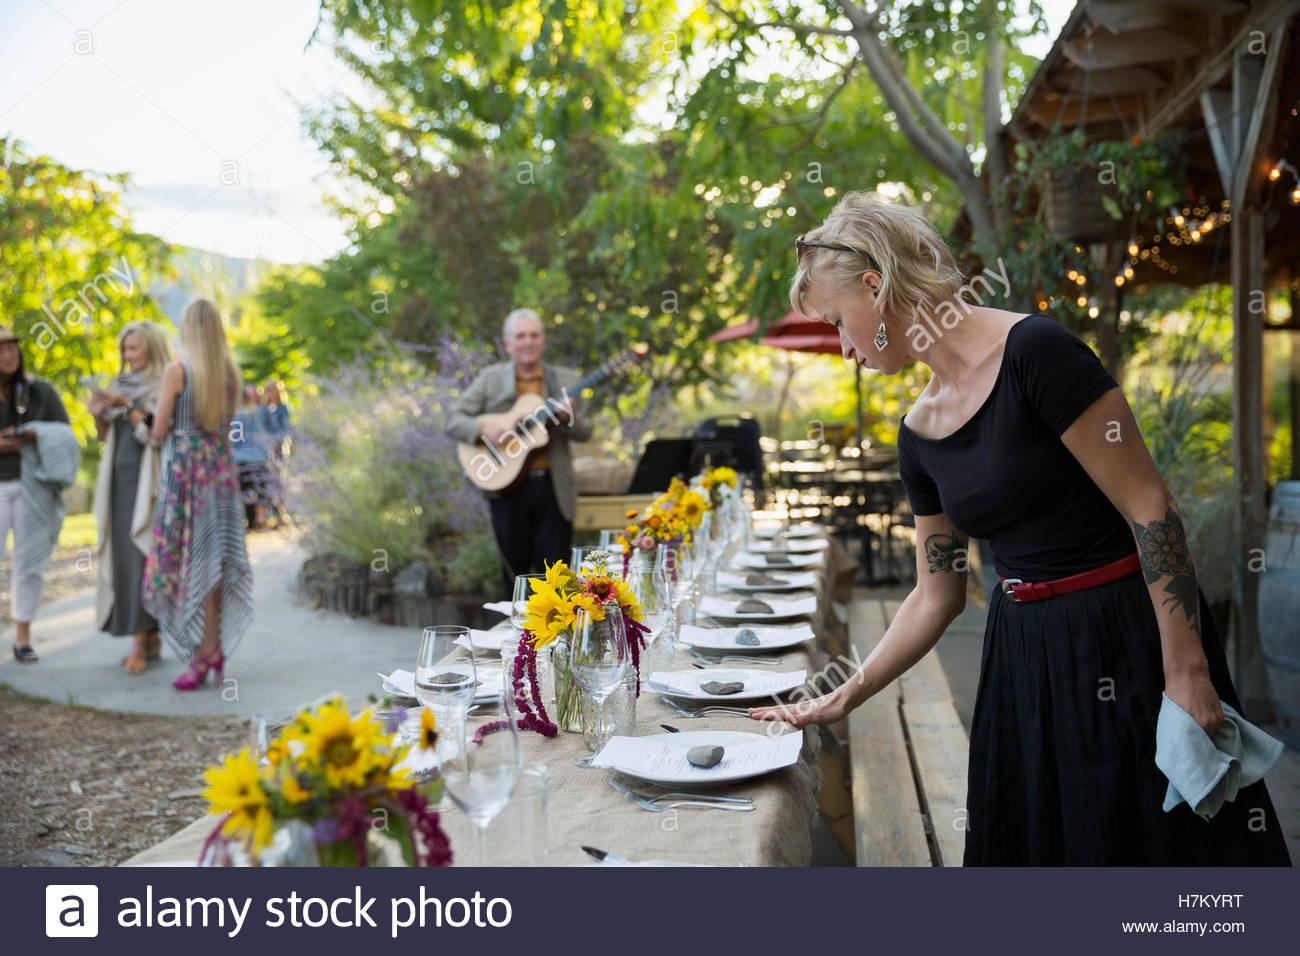 Camarera preparando la cena placesettings cosecha en larga mesa de patio Imagen De Stock